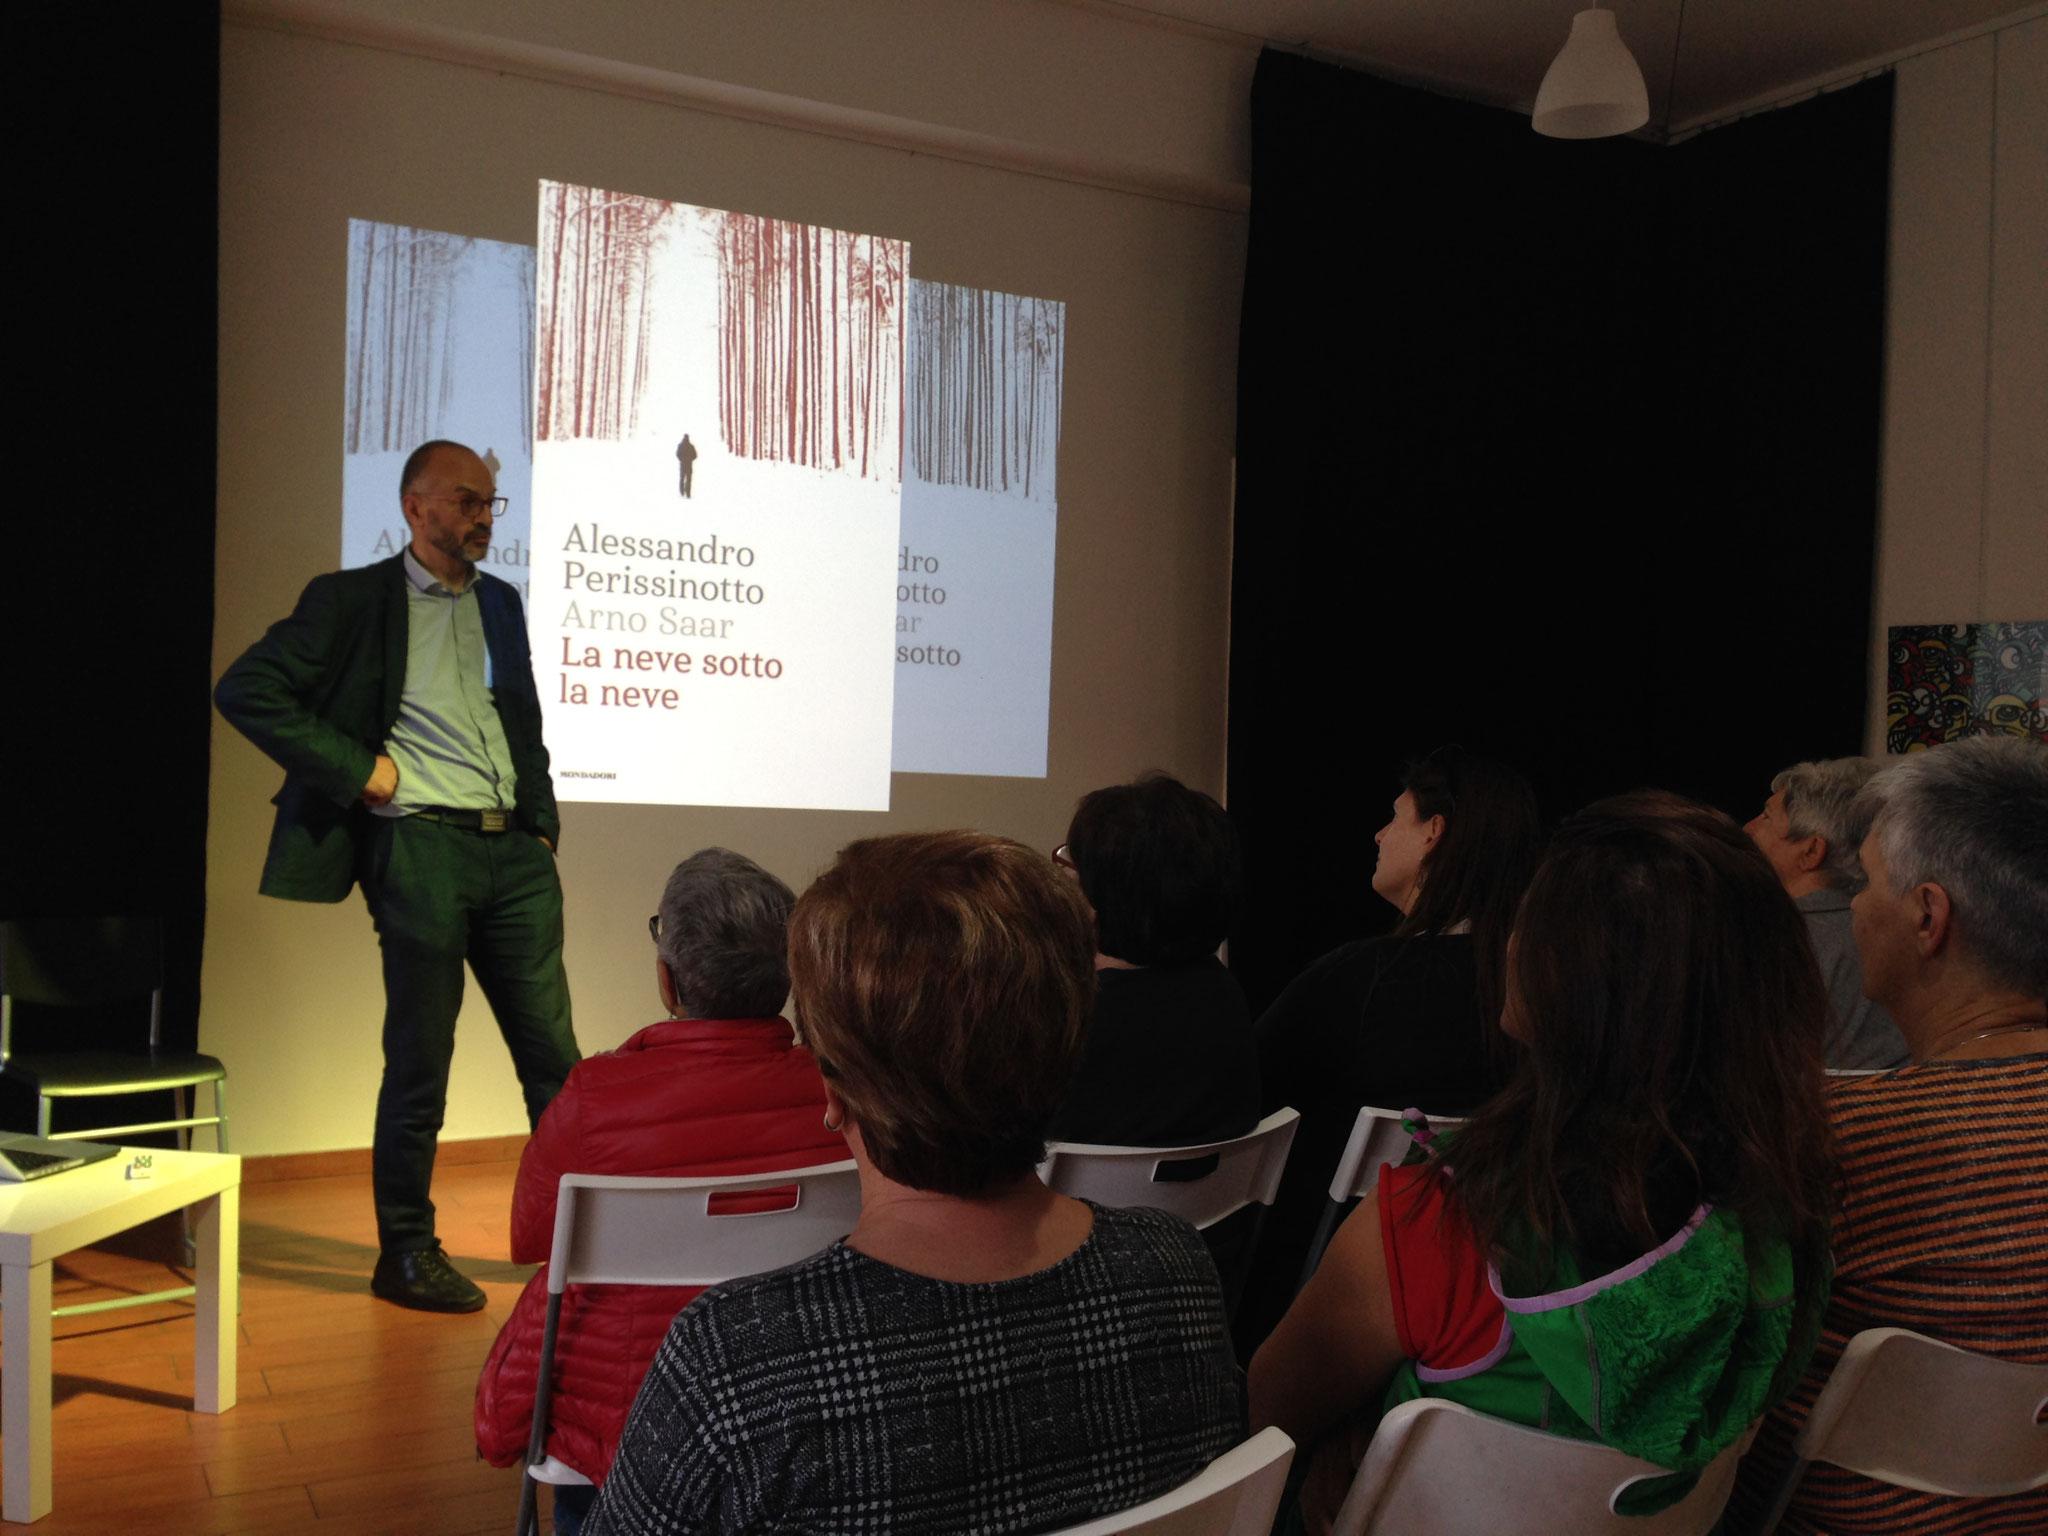 Foto di Silvia Mercuriati - presentazione libro di Alessandro Perissinotto 2018